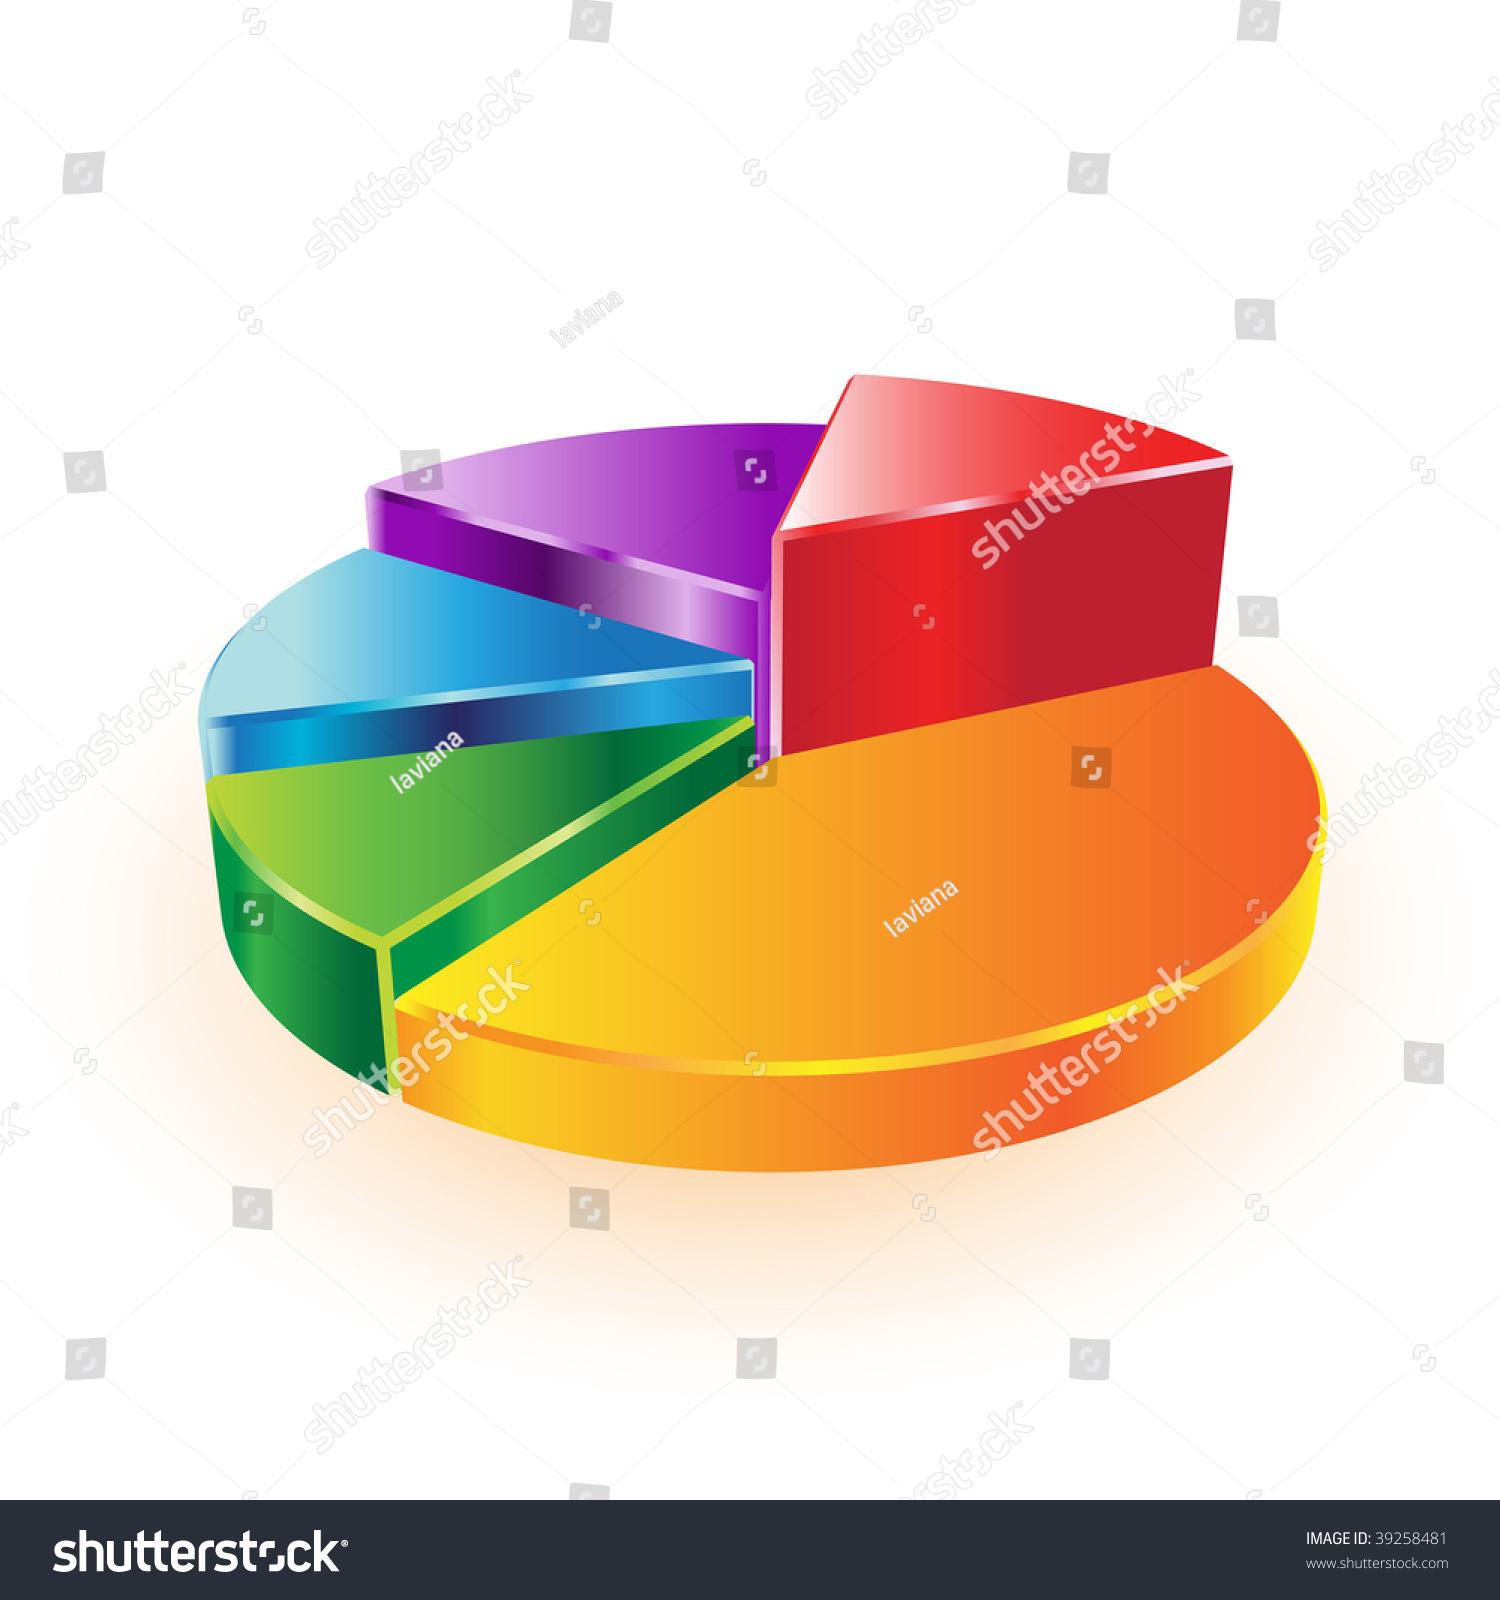 3d vector pie chart stock vector 39258481 shutterstock 3d vector pie chart geenschuldenfo Image collections